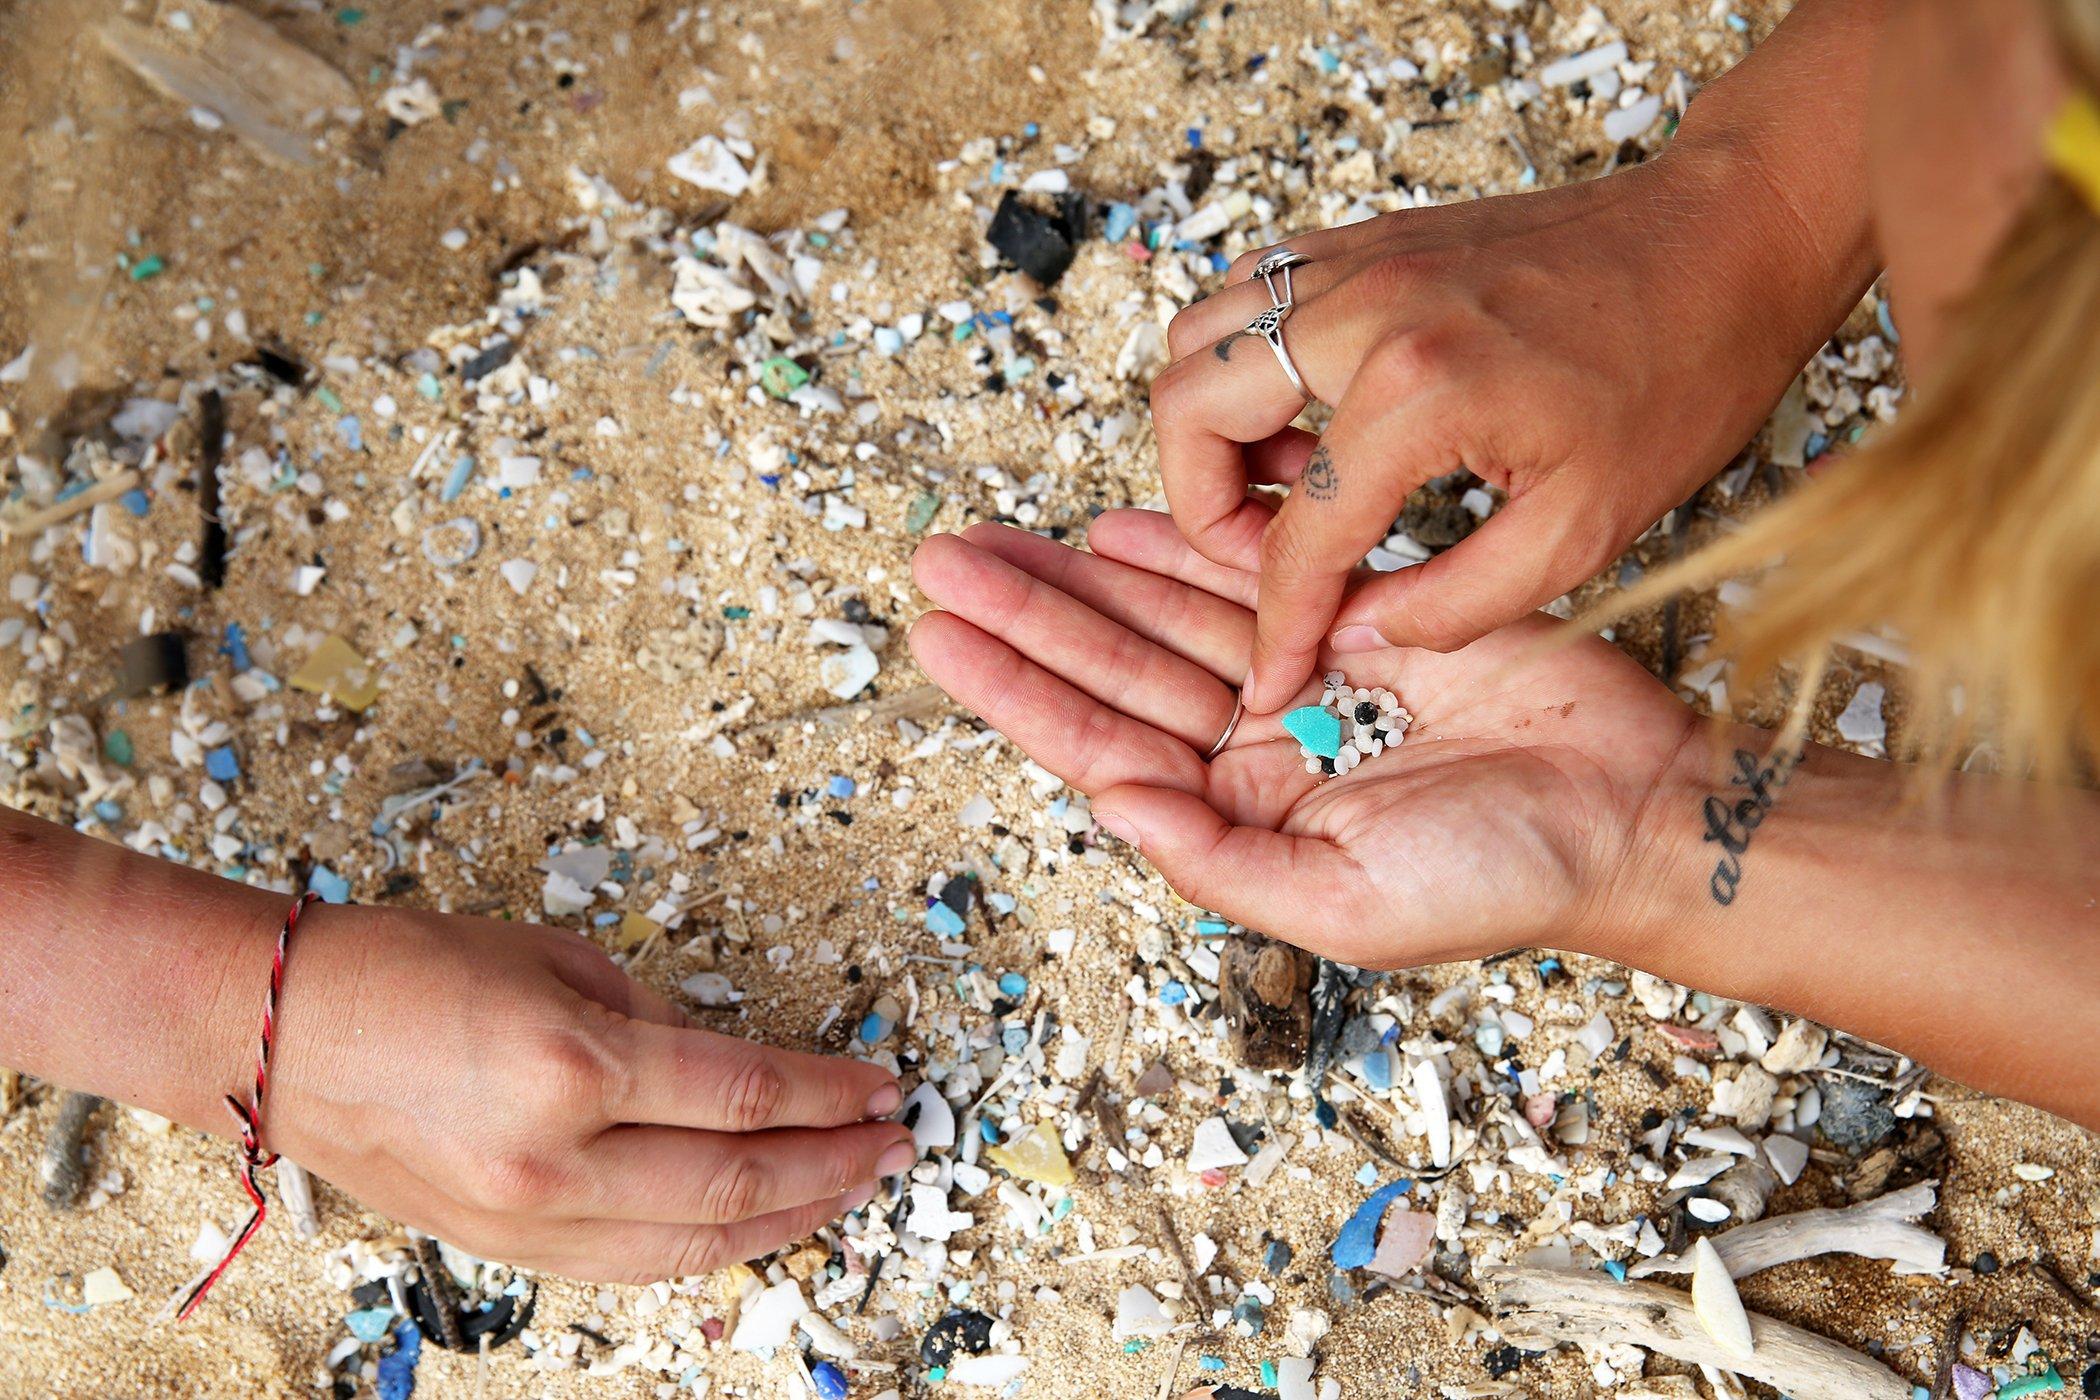 exxpedition-frauen-segeln-um-die-welt-plastik-umweltschutz.jpg